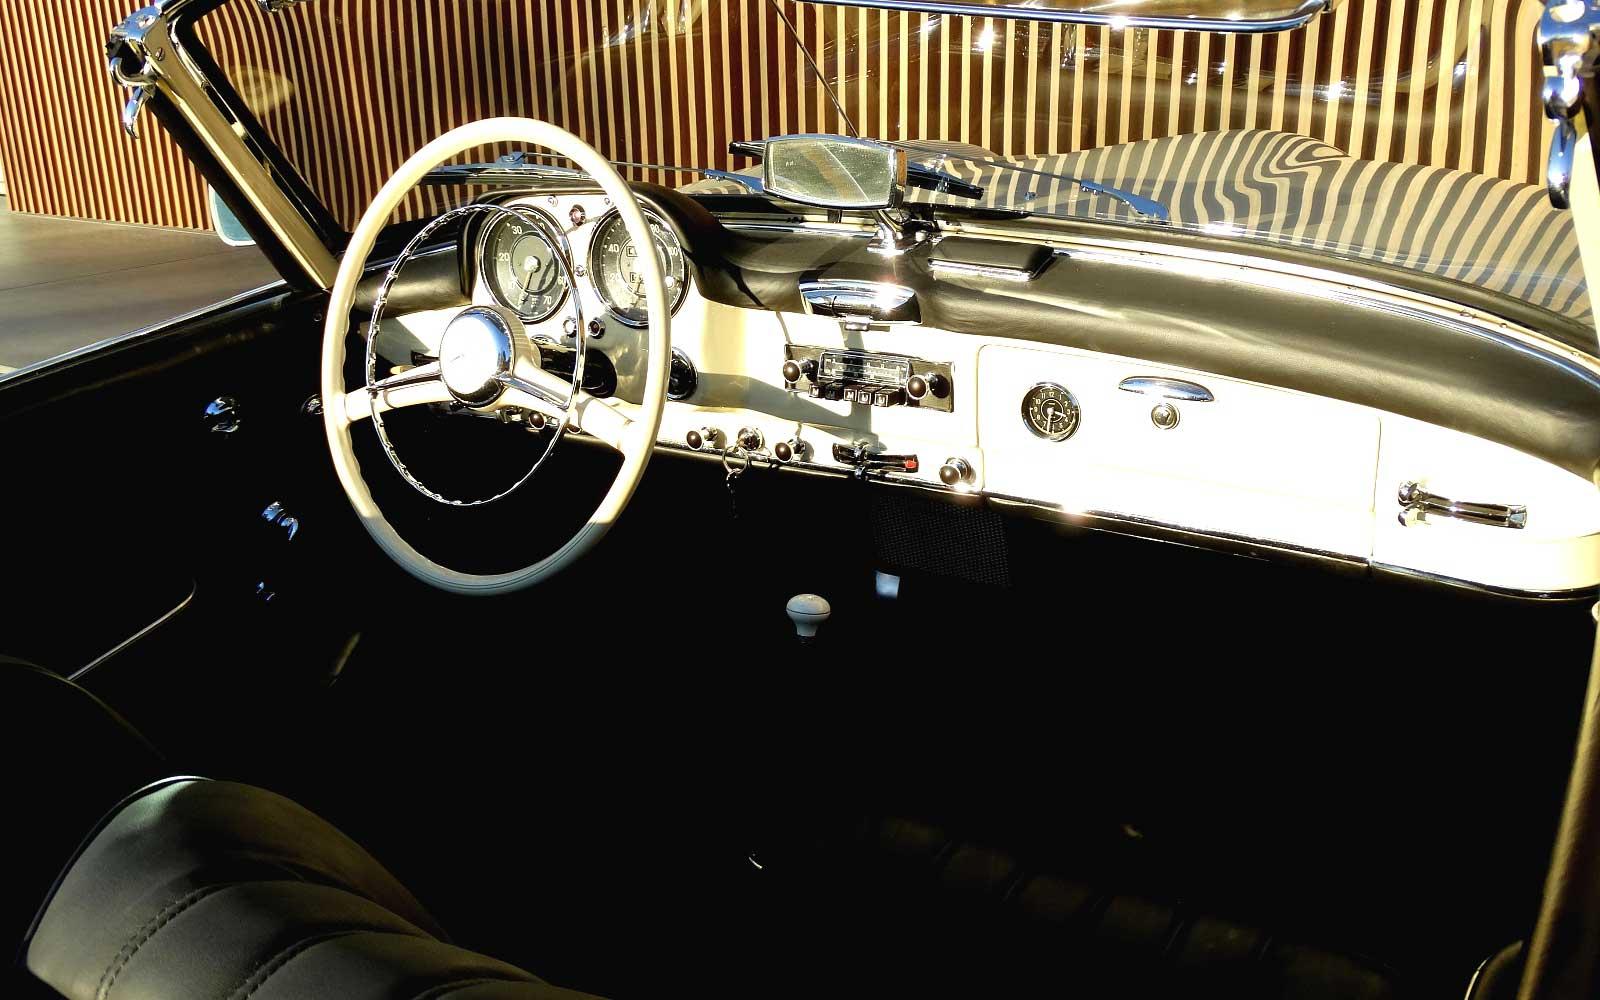 Une Mercedes-Benz 190 SL - w121 b2 - à vendre chez Vandenberghe à Sint-Martens-Latem (Belgique) Mb_w121b2_190_sl_street_170321_15_w1600_1000